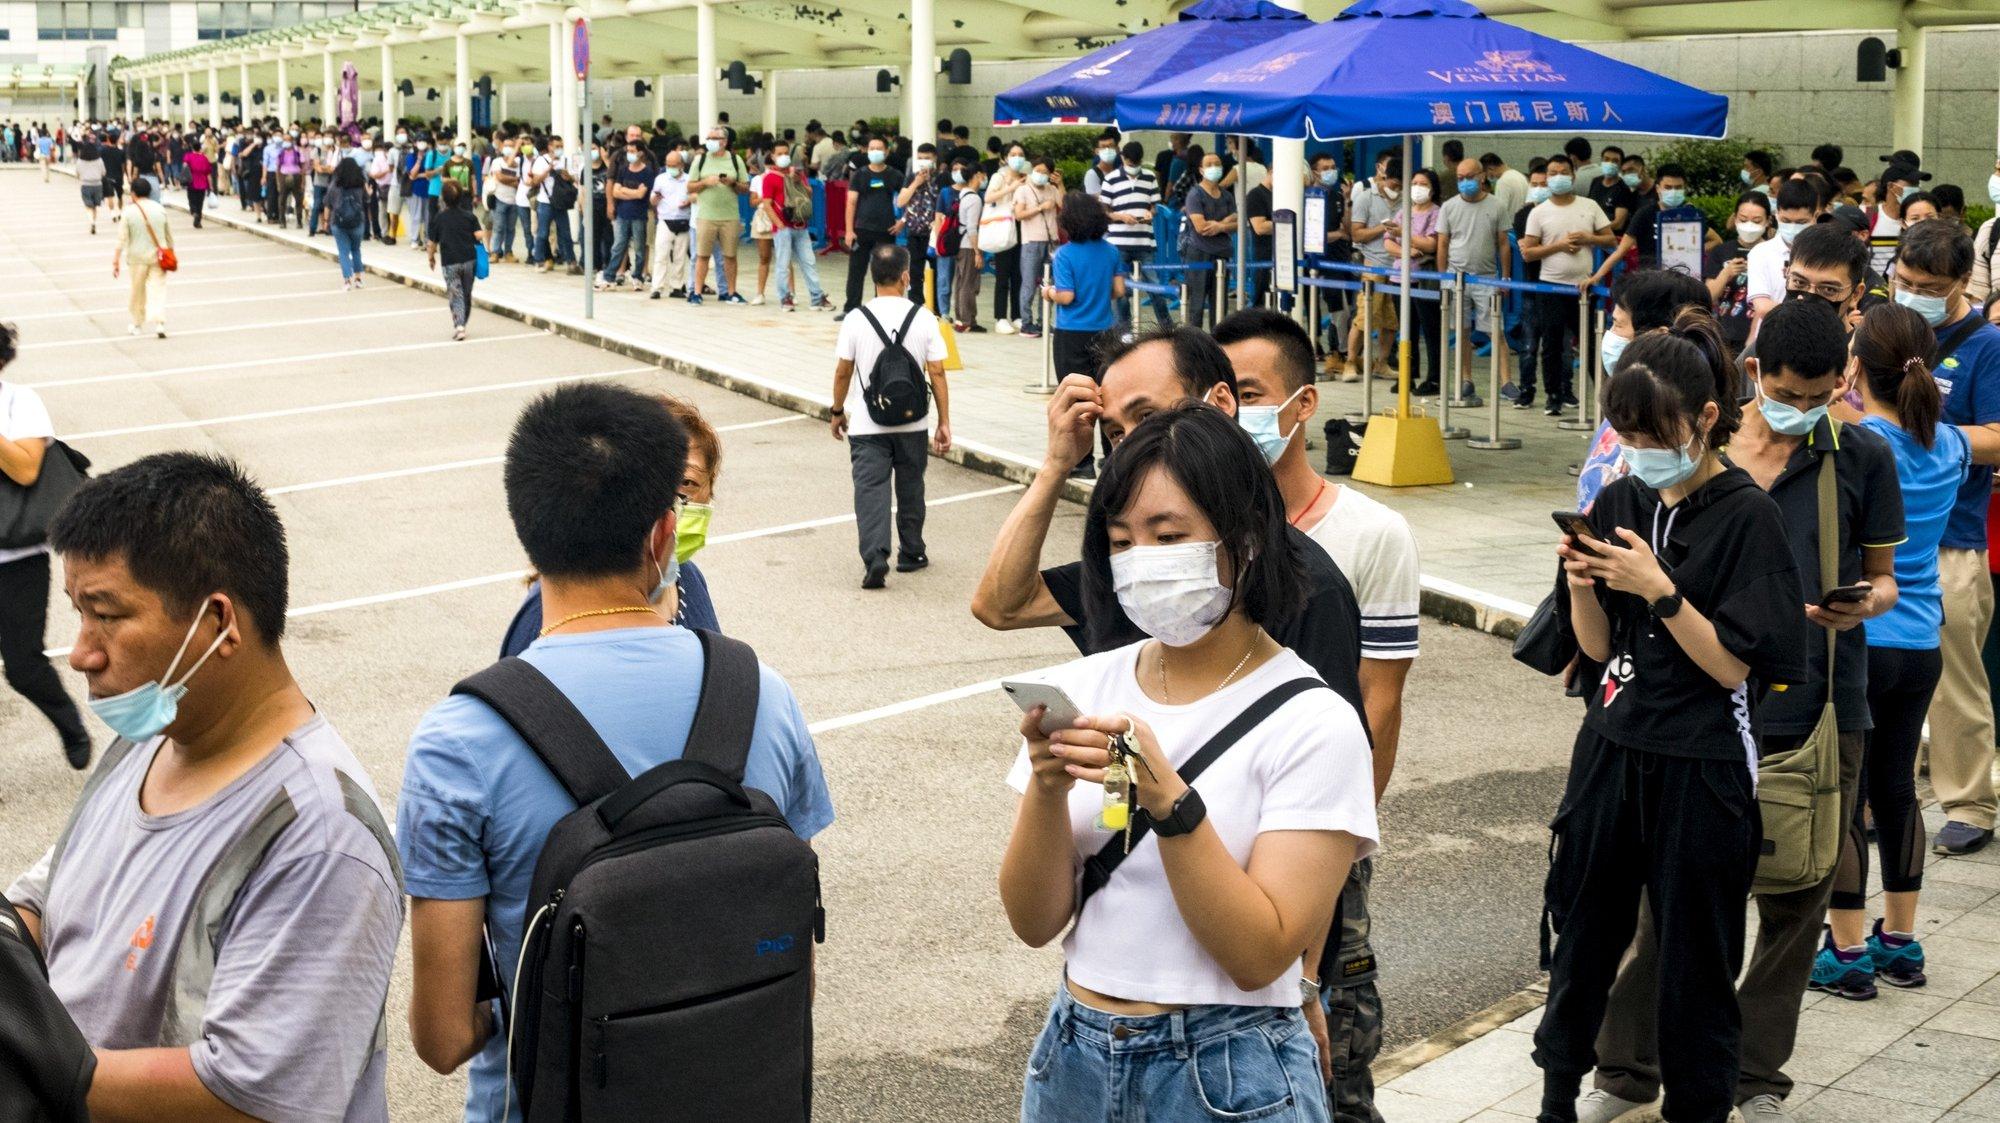 O aparecimento de novos casos e o risco de Macau registar pela primeira vez um surto comunitário, obrigou o Governo a avançar com os testes massivos a quase 670 mil pessoas que vivem em Macau, onde pouco mais de um terço da população ainda não se vacinou, apesar da vacina ser gratuita, de não faltarem vacinas e até escolha, Macau, China, 4 de agosto de 2021.Macau detetou 63 casos desde o início da pandemia, não registando qualquer morte. Nenhum profissional de saúde foi infetado ou identificado qualquer surto comunitário. TATIANA LAGES